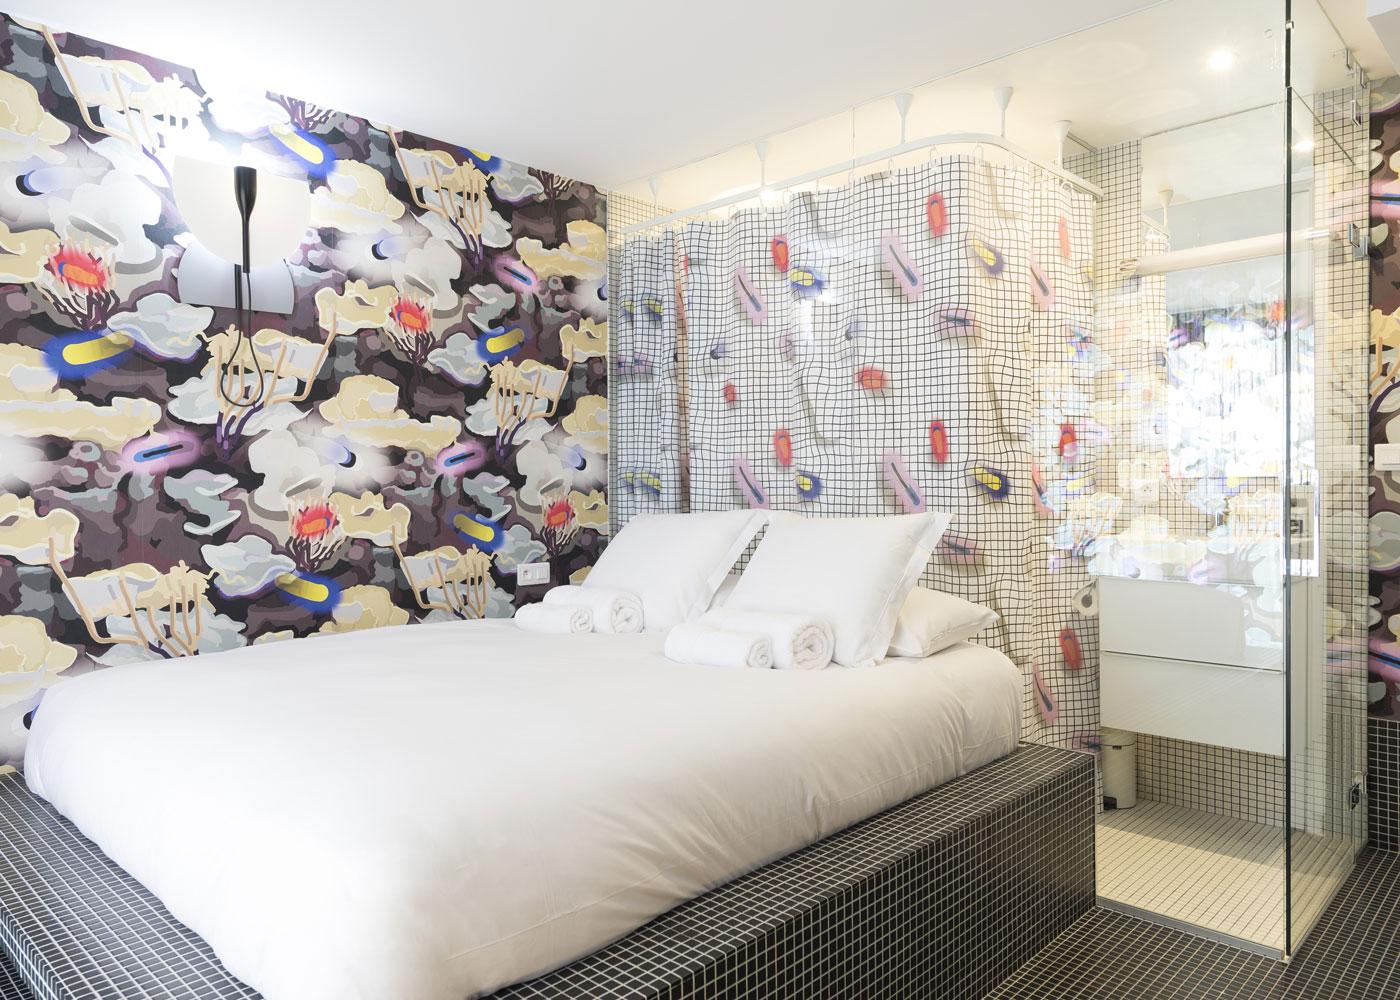 Confinez-moi-ici-Hotel-La-Reine-Jane-Hyeres-Chambre-3-Laureline-Galliot-et-Mathieu-Peyroulet